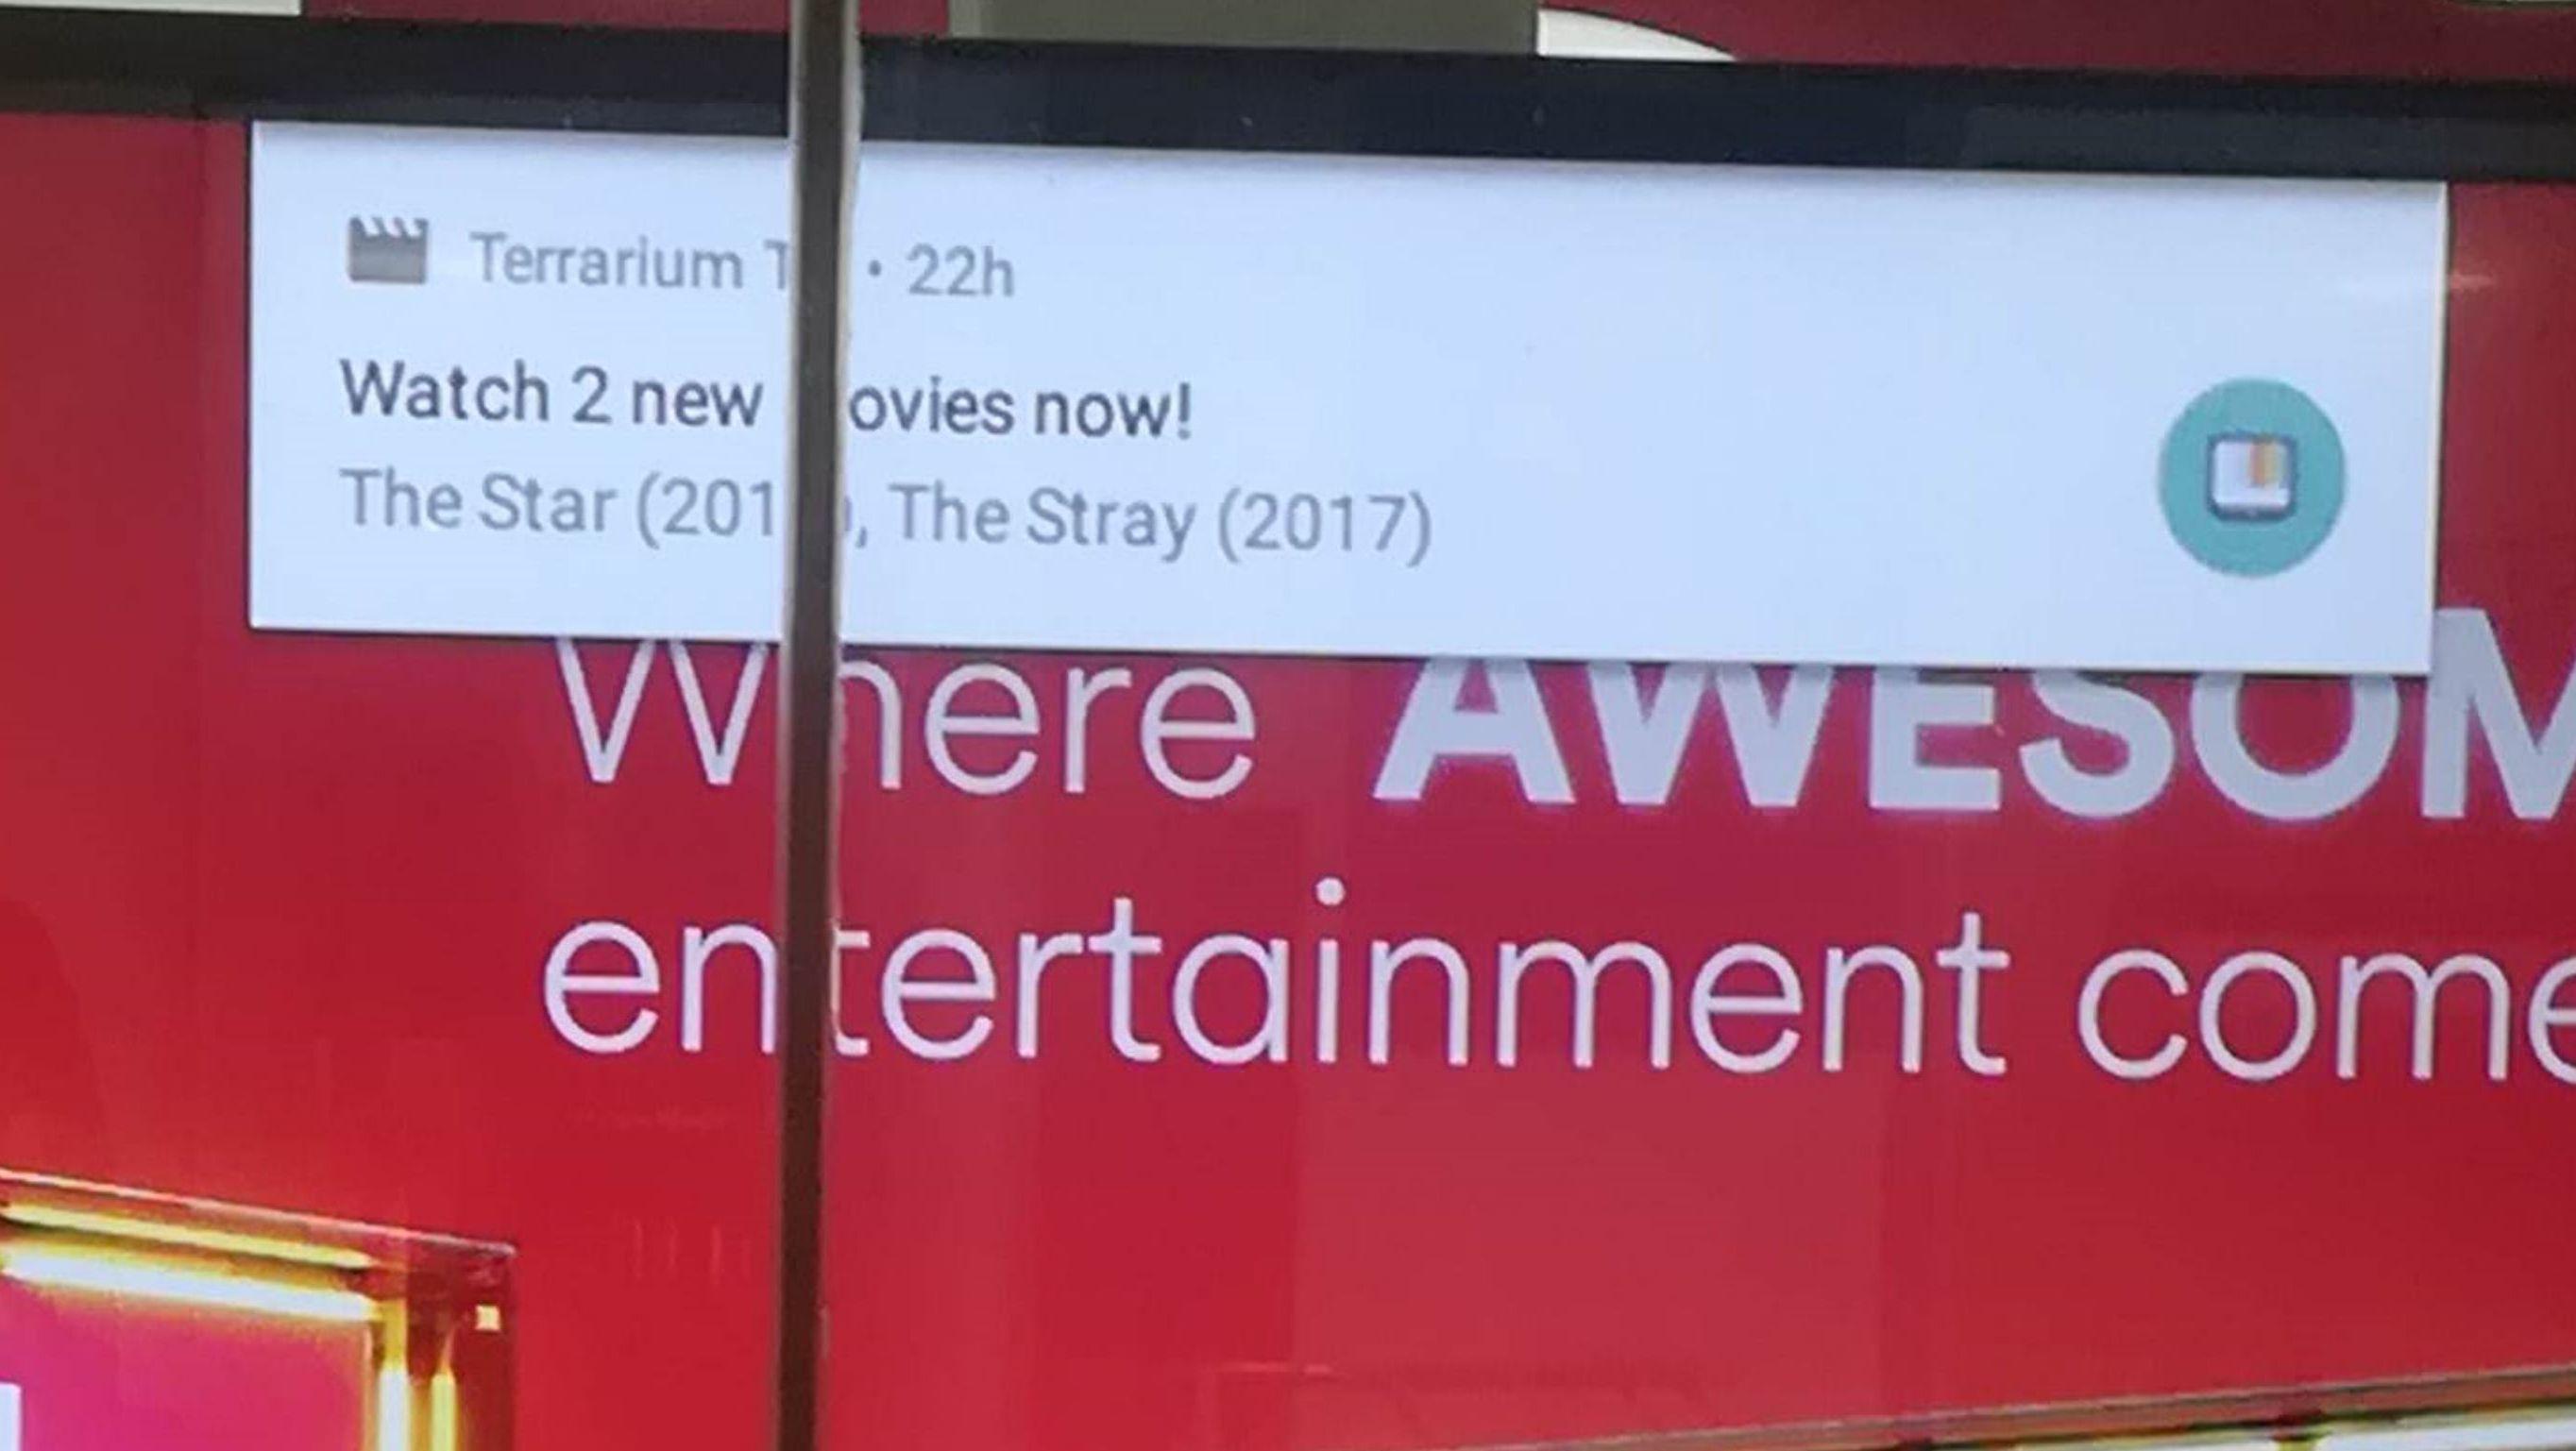 Virgin Media reklamerte for pirattjeneste da de prøvde å selge lovlig innhold. Virgin unnskylder seg med at butikken ikke er ferdig.